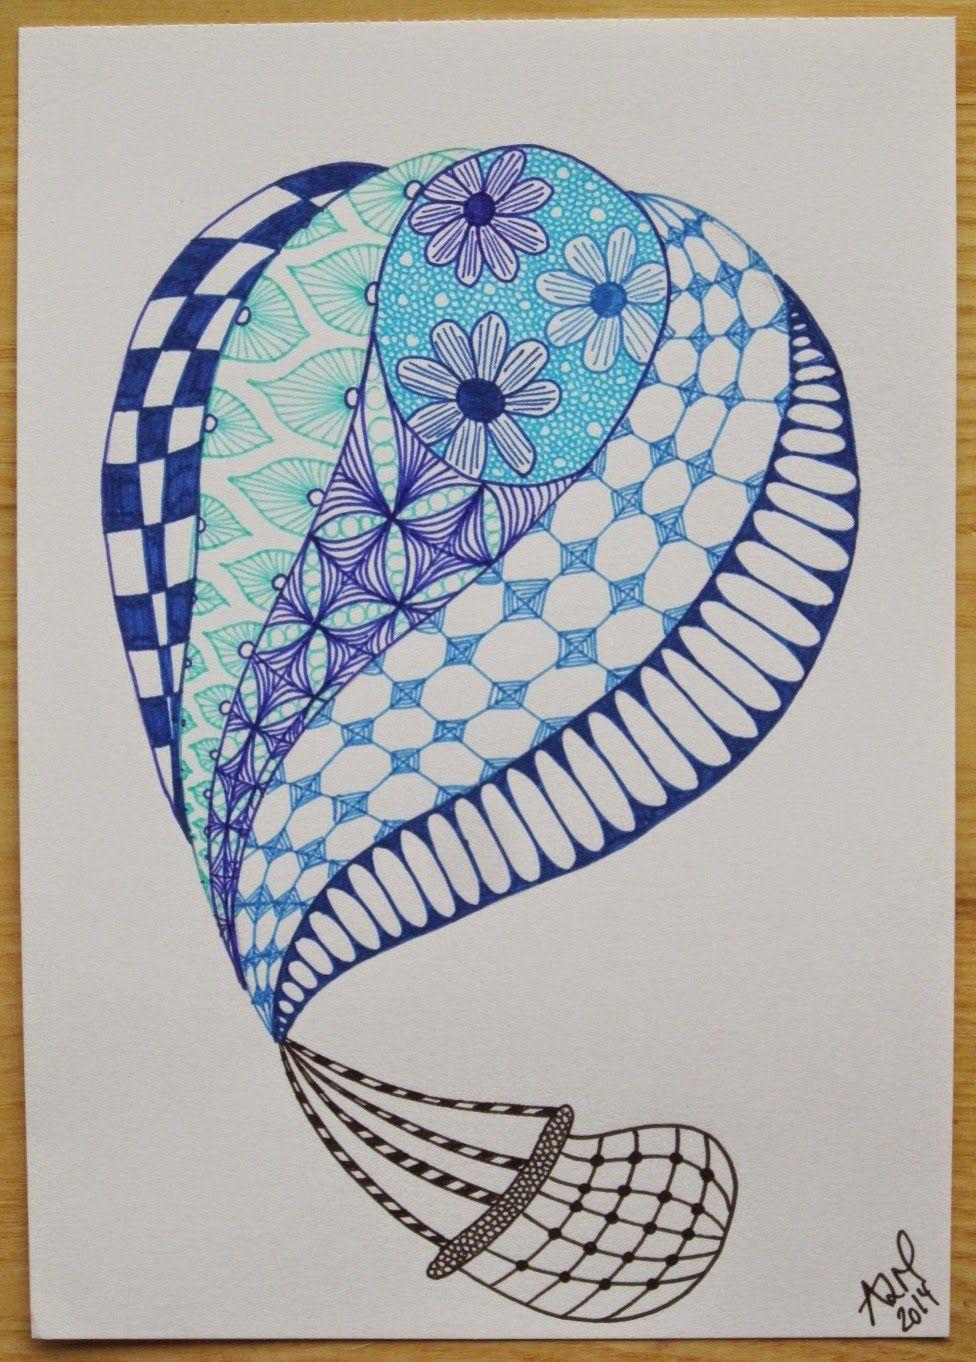 Varmluftballoner I Smukke Monstre Tegning Monstre Tegne Monstre